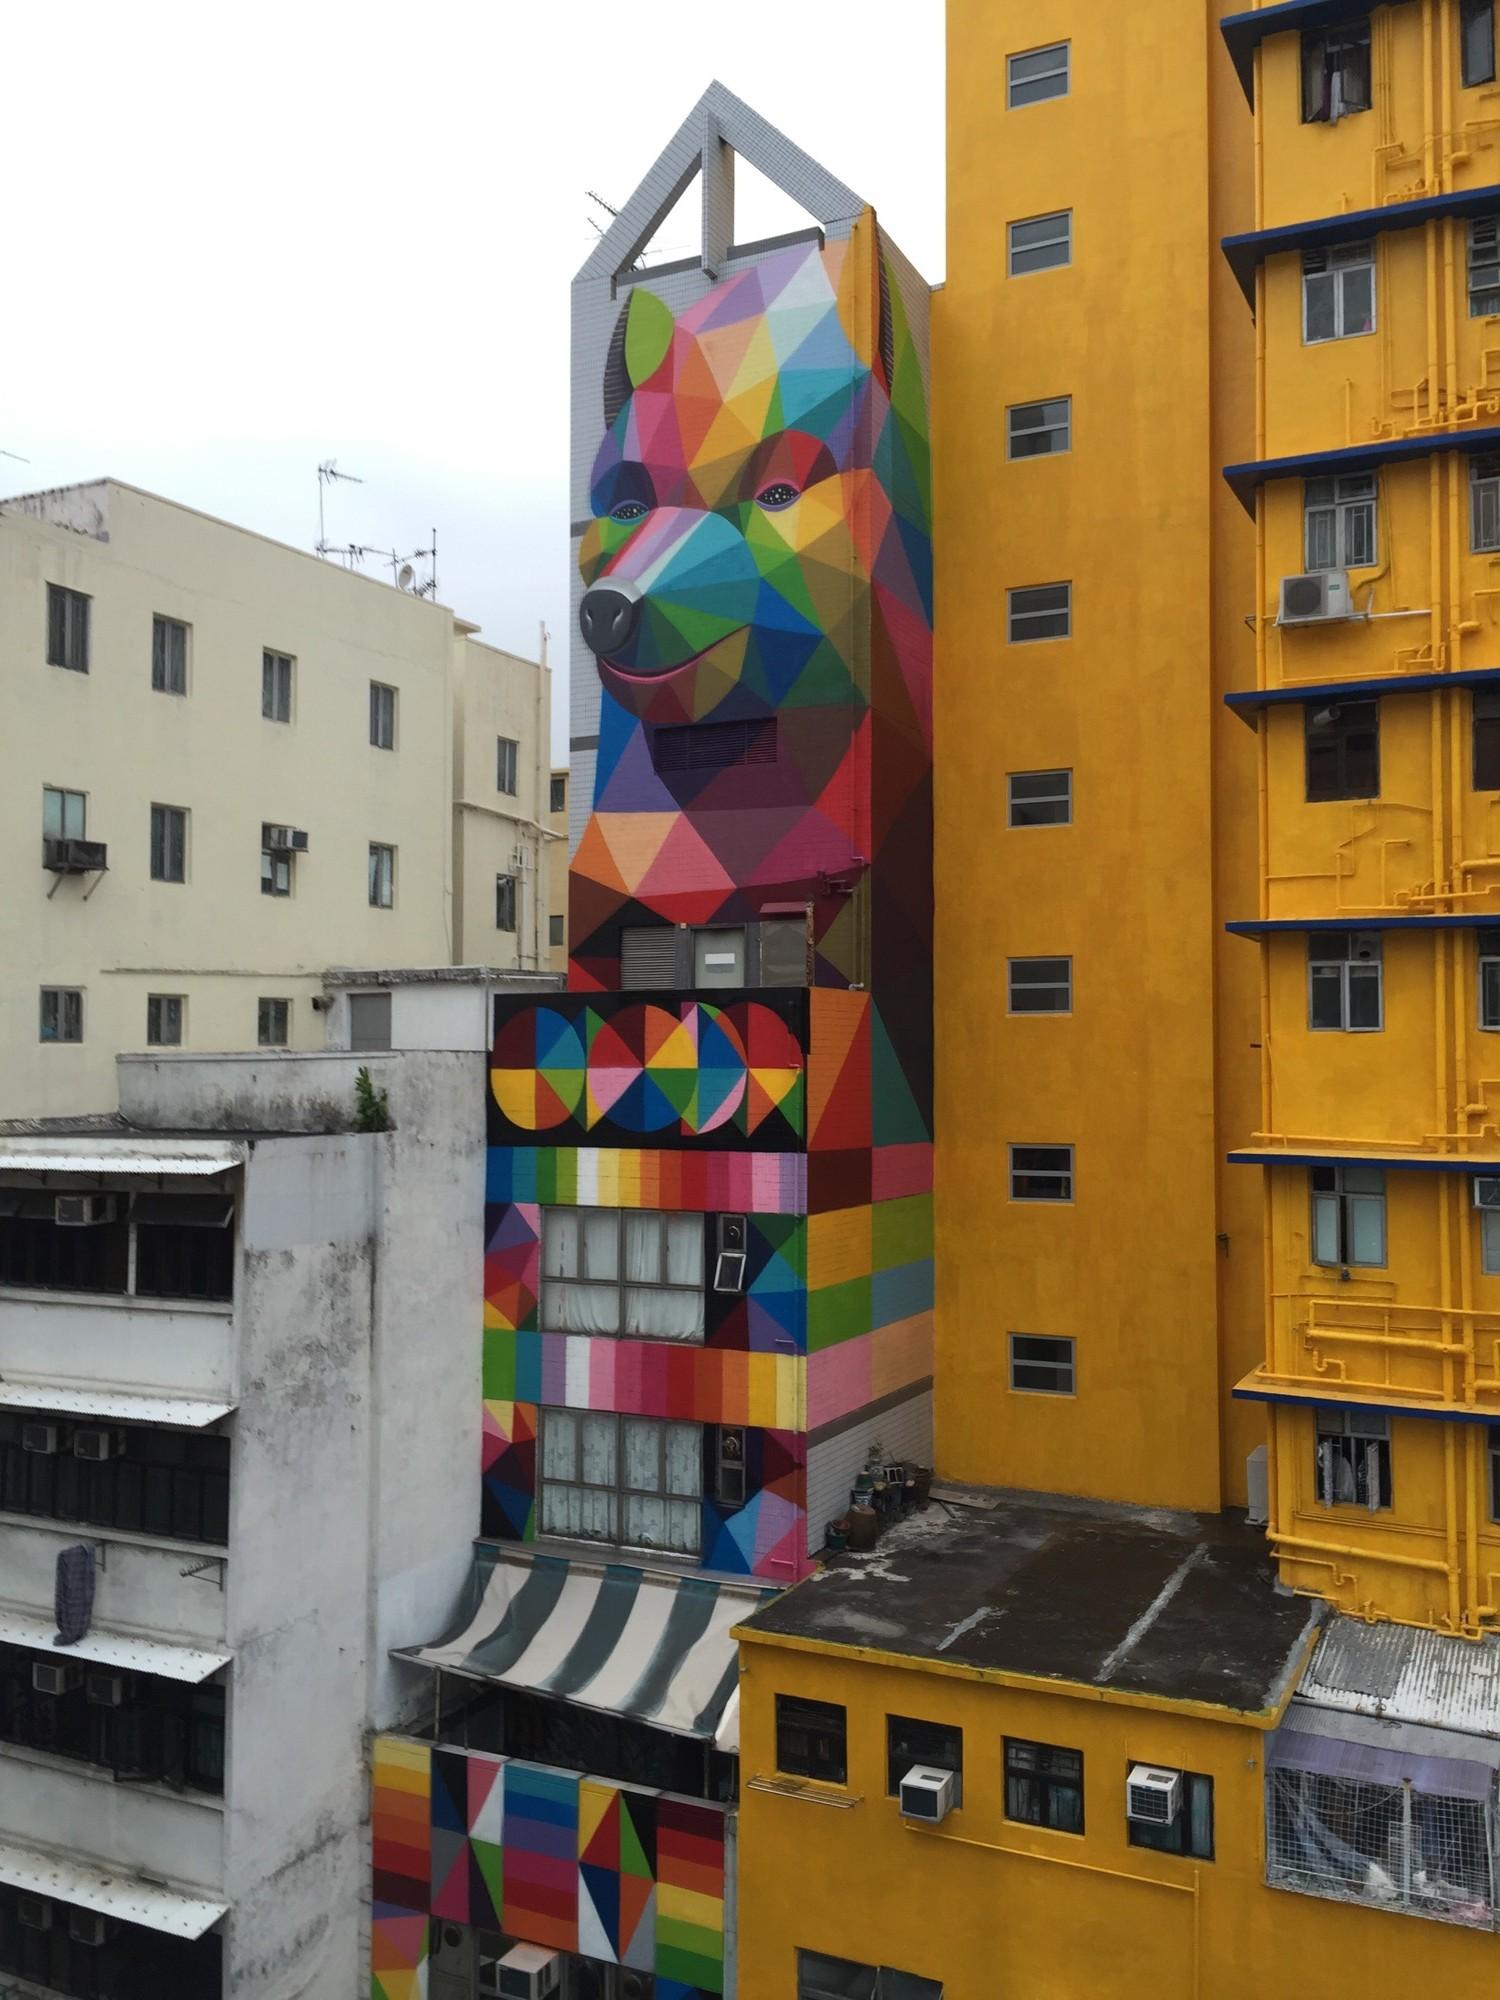 New Mural by Okuda in Hong-Kong – The VandalList